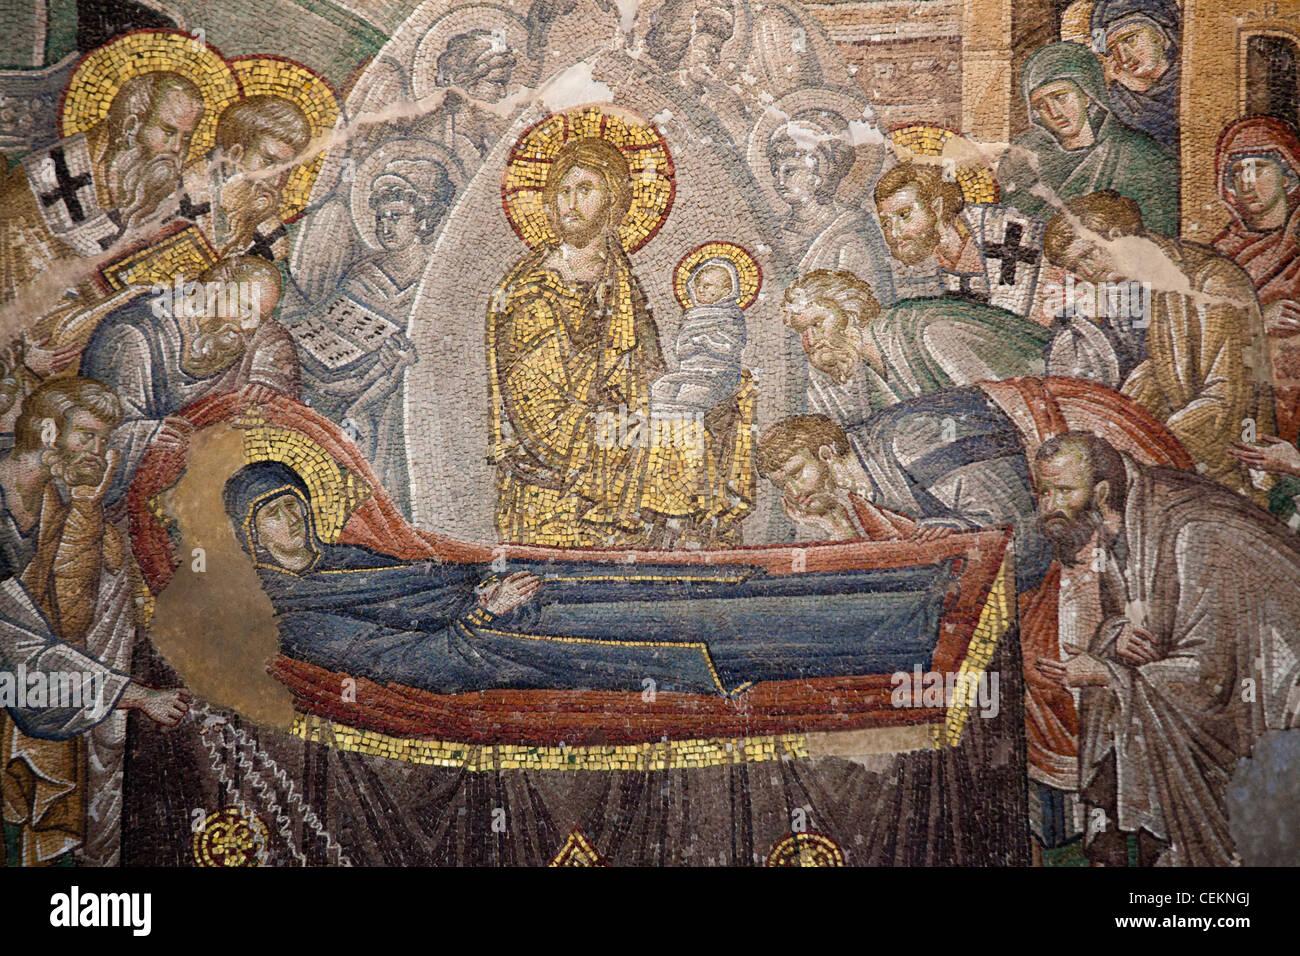 Turquía, Estambul, la Iglesia de Chora, Mosaico, la muerte de la Virgen  Fotografía de stock - Alamy